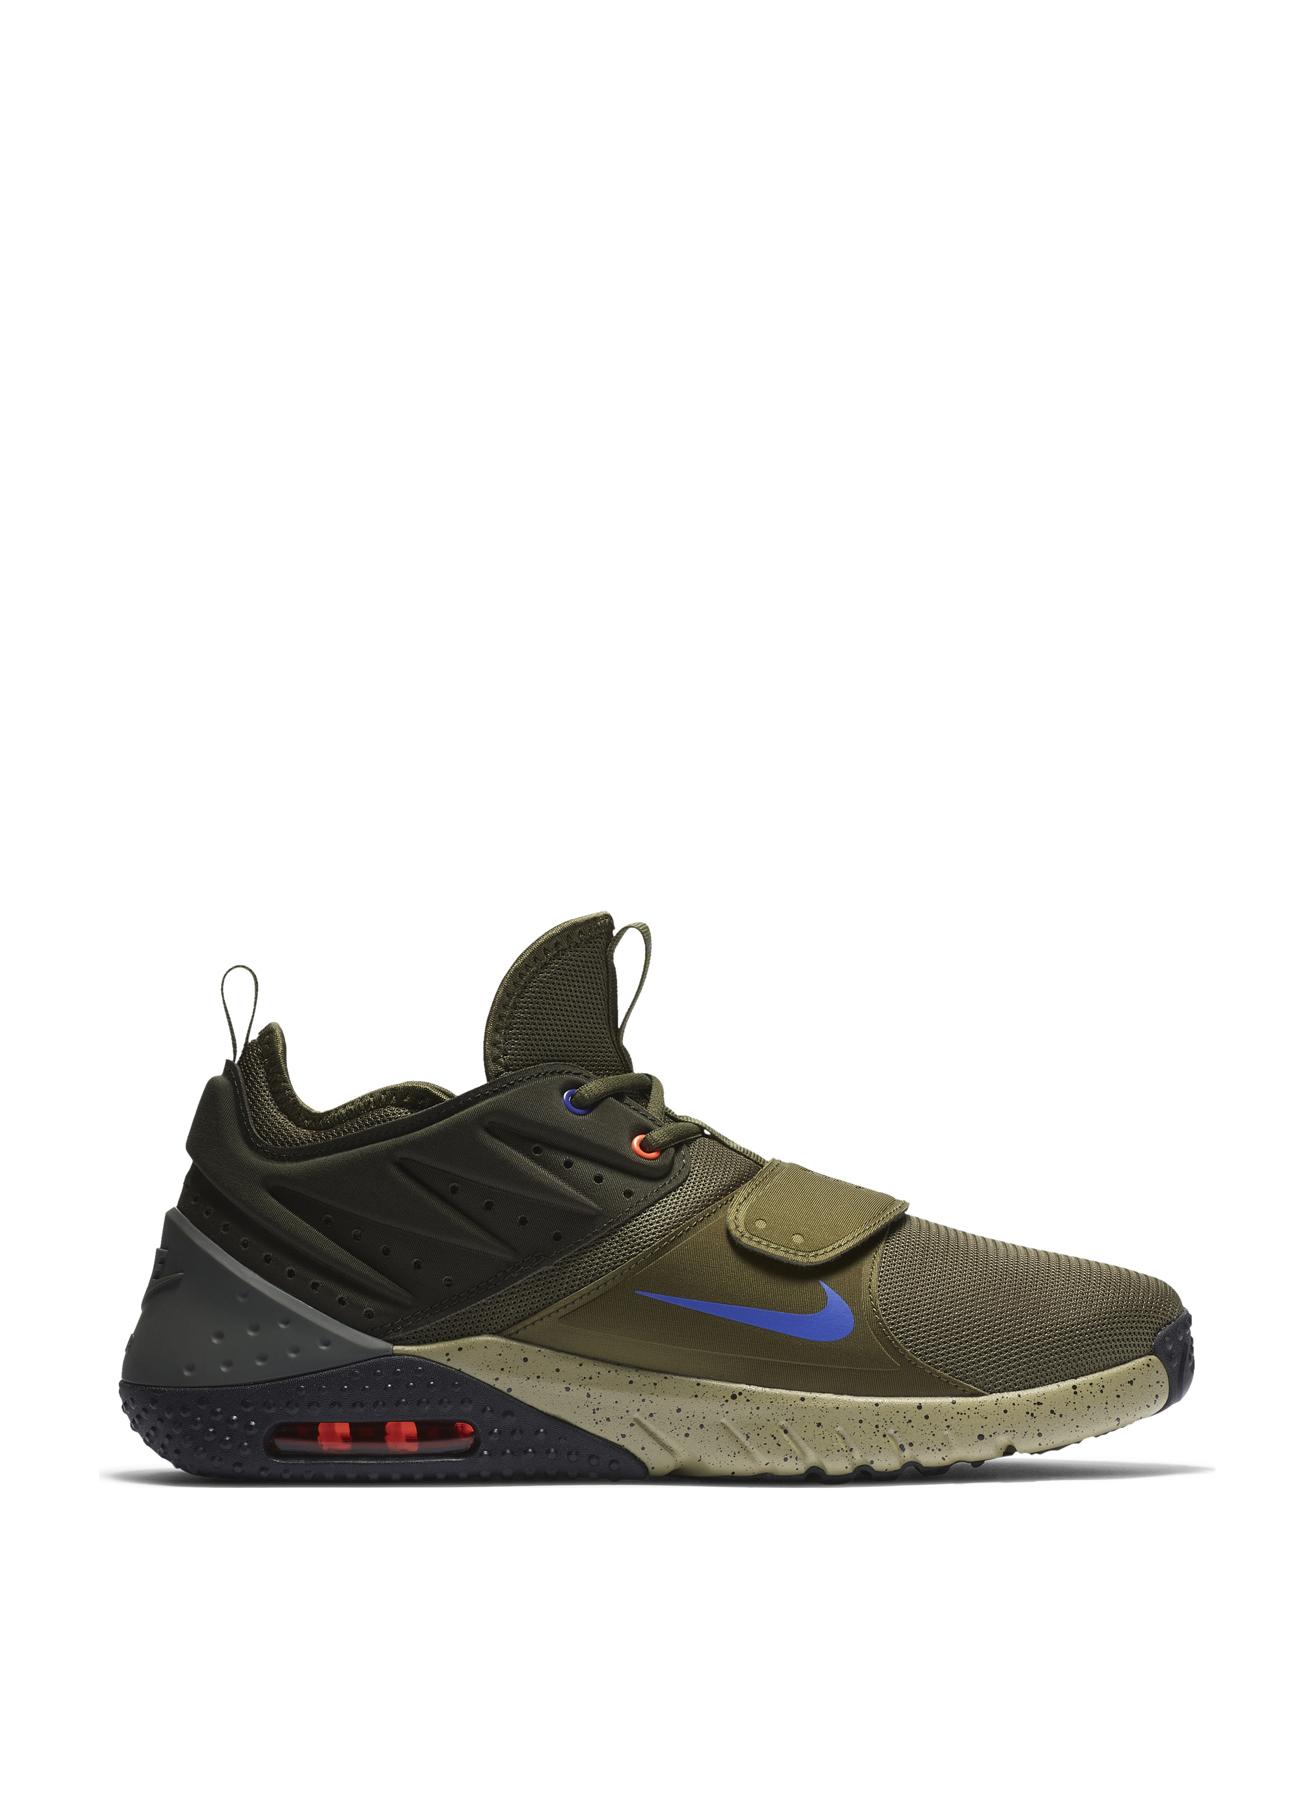 Nike Air Max Trainer 1 Erkek Antrenman Training Ayakkabısı 44.5 5002328844008 Ürün Resmi